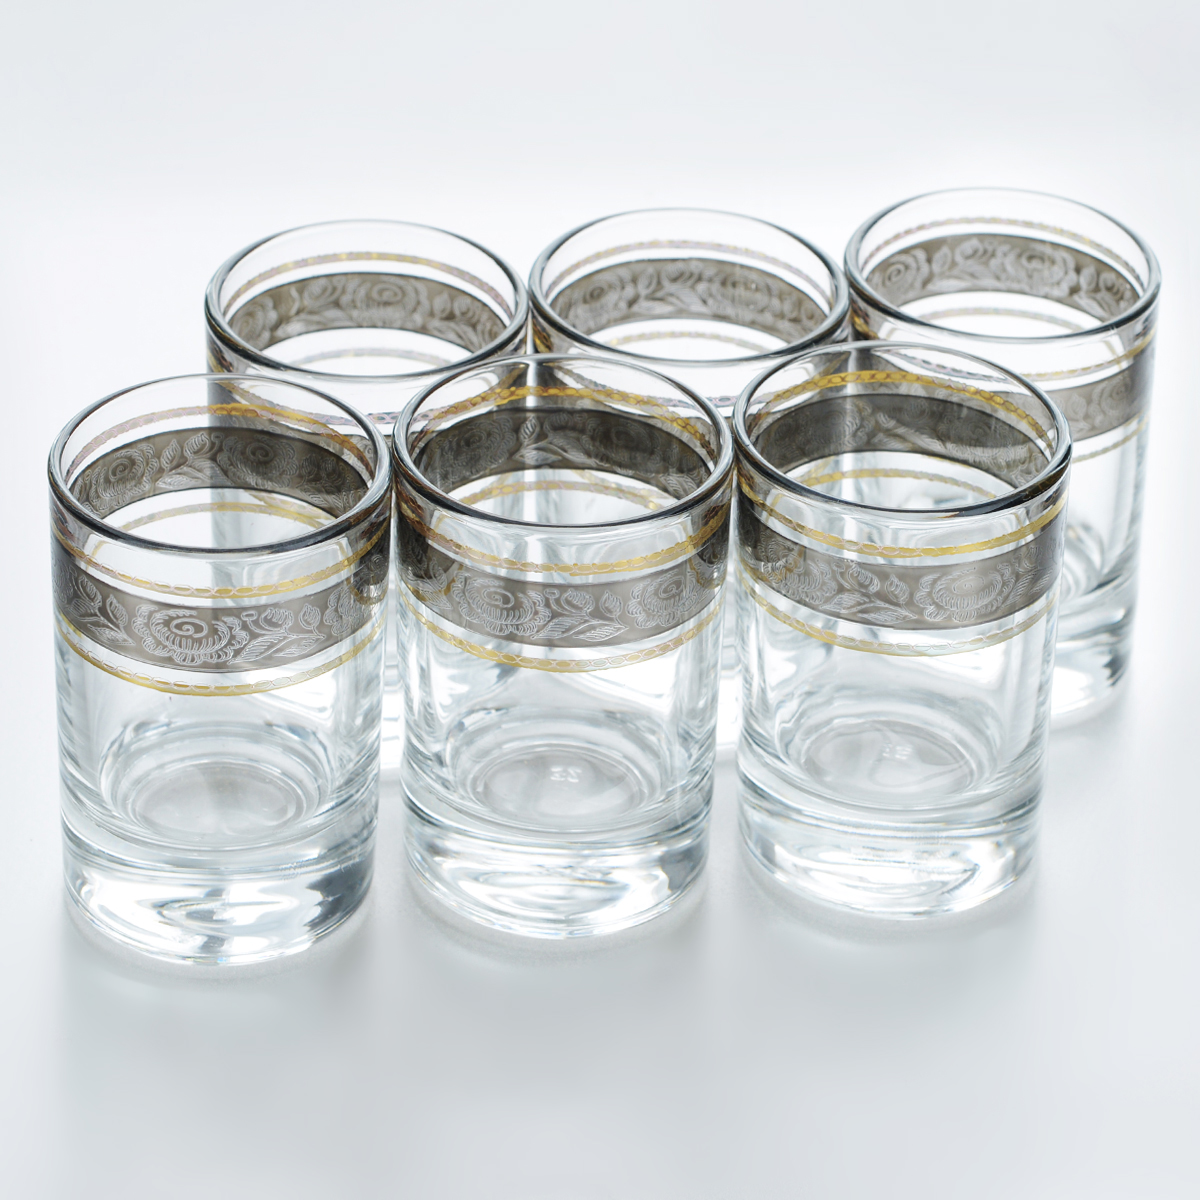 Набор стопок Гусь-Хрустальный Первоцвет, 60 мл, 6 штVT-1520(SR)Набор Гусь-Хрустальный Первоцвет состоит из 6 стопок, изготовленных из высококачественного натрий-кальций-силикатного стекла. Изделия оформлены красивым зеркальным покрытием и оригинальной окантовкой с цветочным узором. Такой набор прекрасно дополнит праздничный стол и станет желанным подарком в любом доме. Разрешается мыть в посудомоечной машине. Диаметр стопки (по верхнему краю): 4,5 см. Высота стопки: 6,6 см.